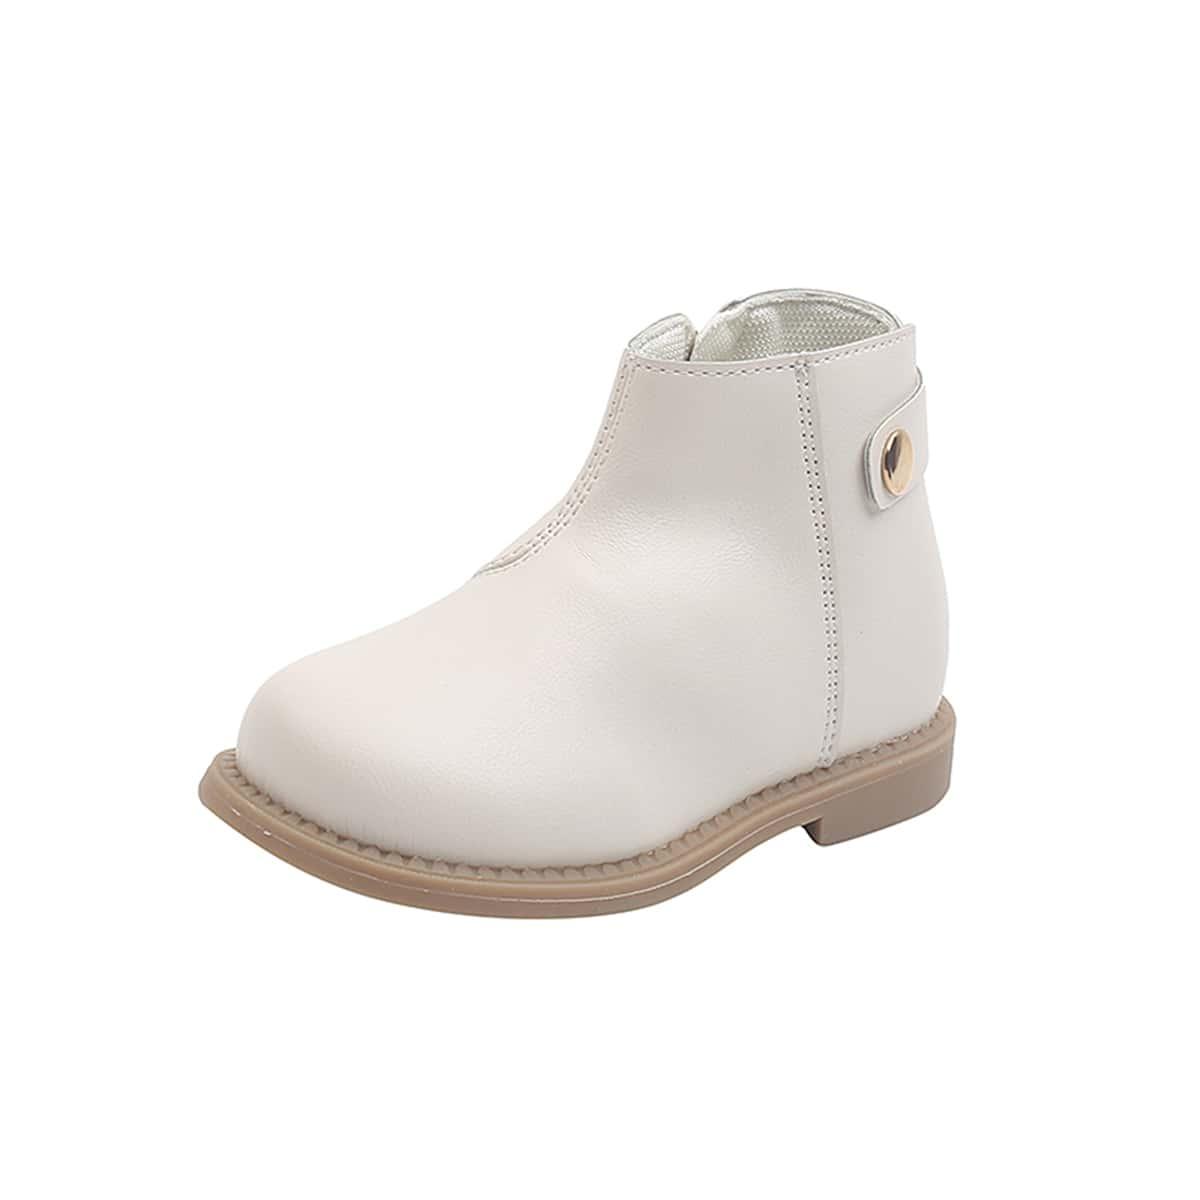 Классические ботинки с молнией для девочек SheIn sk2108109586544624